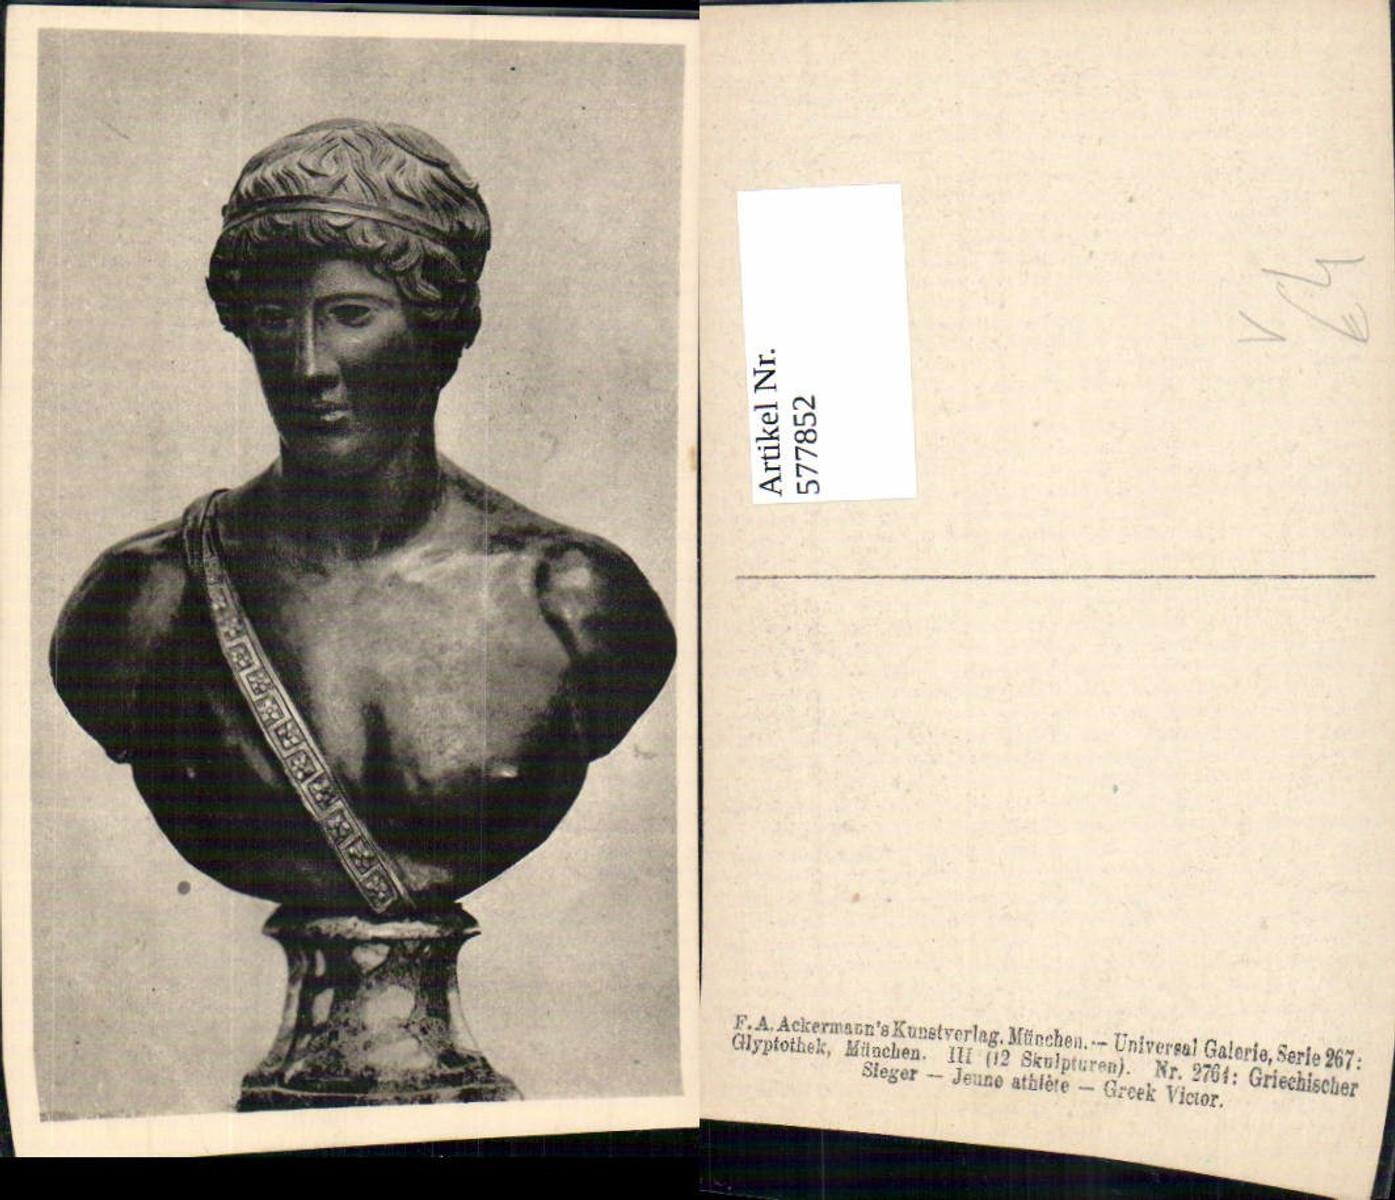 577852,Antike Griechischer Sieger Greek Victor Skulptur pub F. A. Ackermann 267/2764 günstig online kaufen